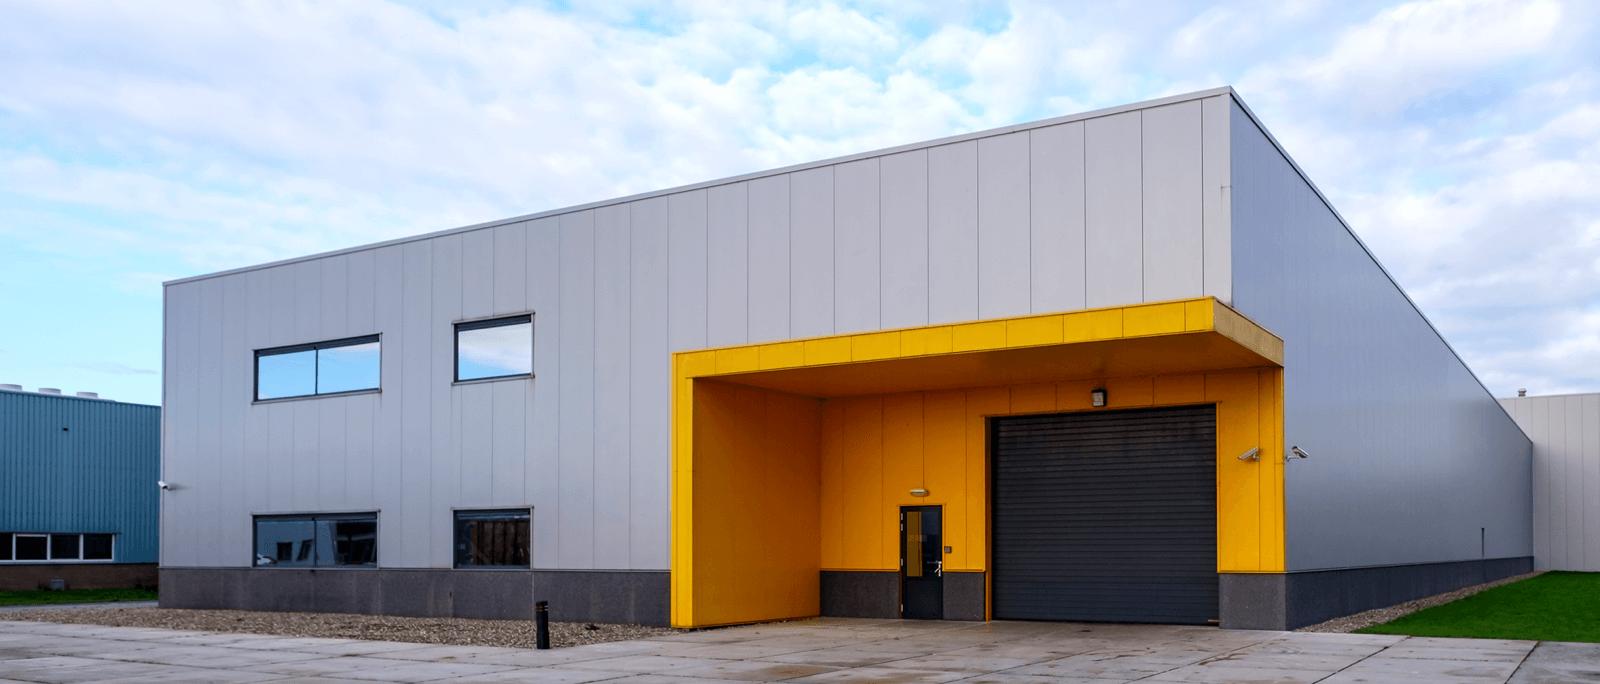 Types of Amazon Warehouses